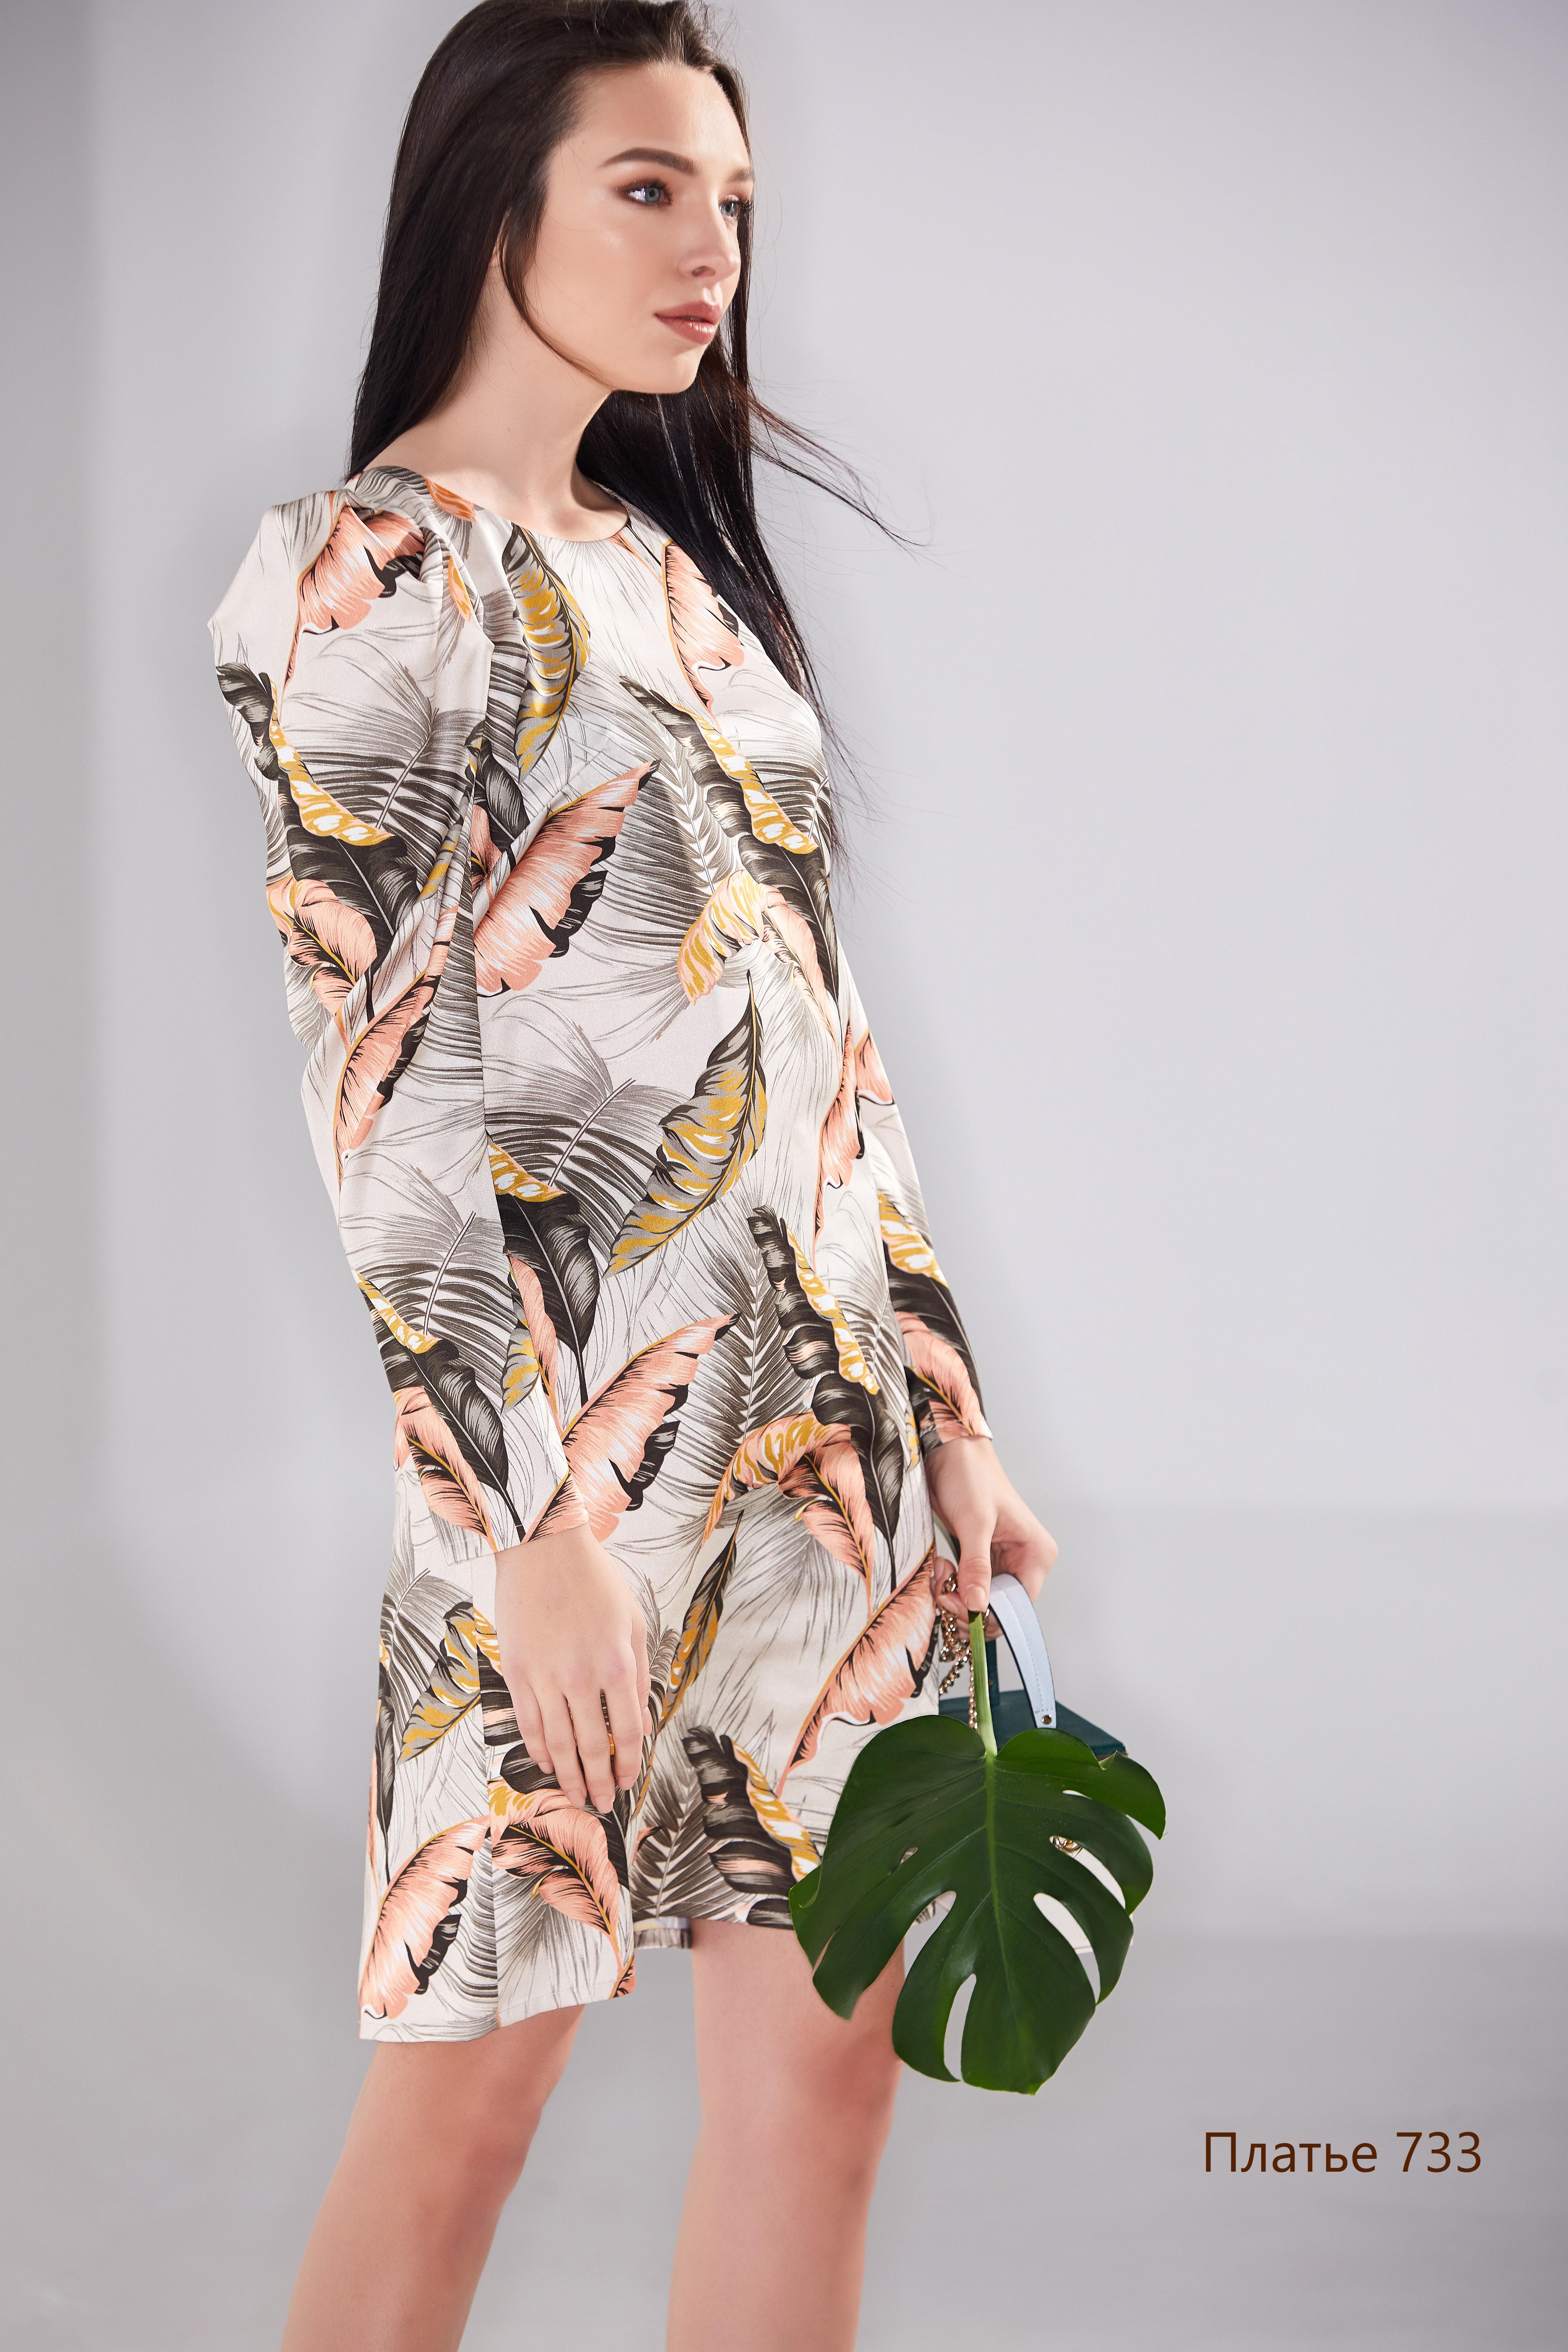 Платье 733 (3)